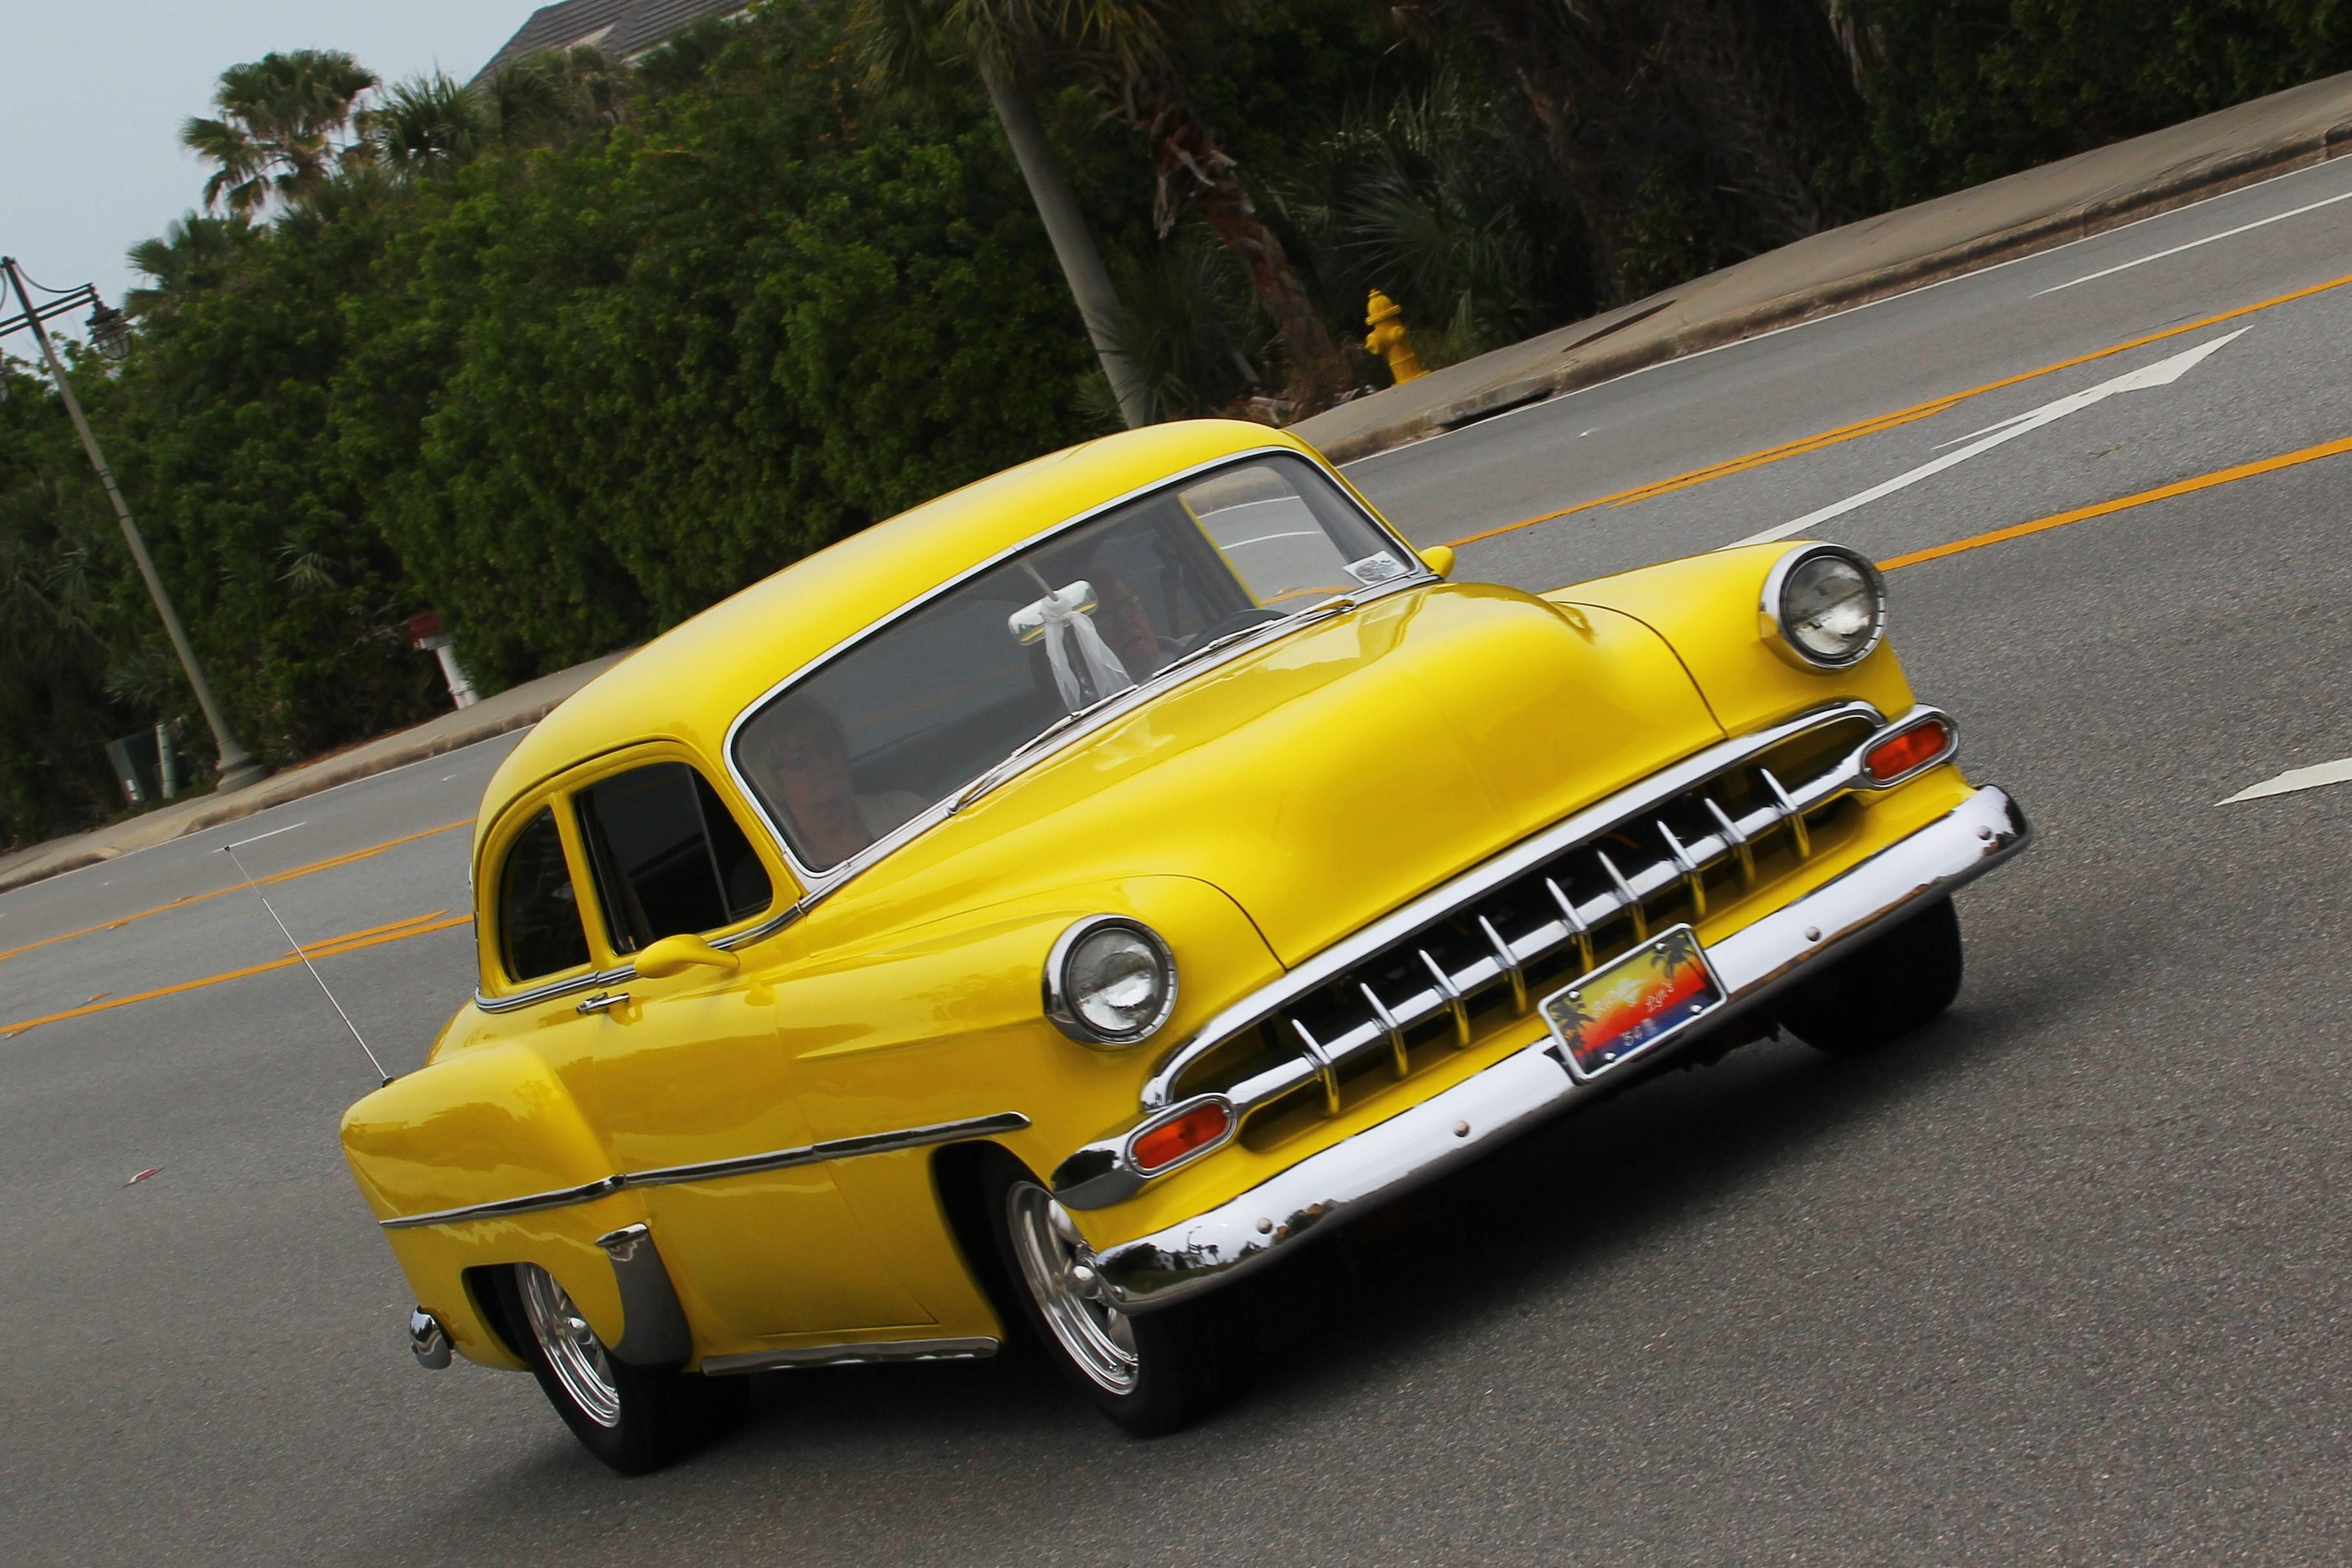 Enchanting Racingjunk Facebook Adornment - Classic Cars Ideas - boiq ...